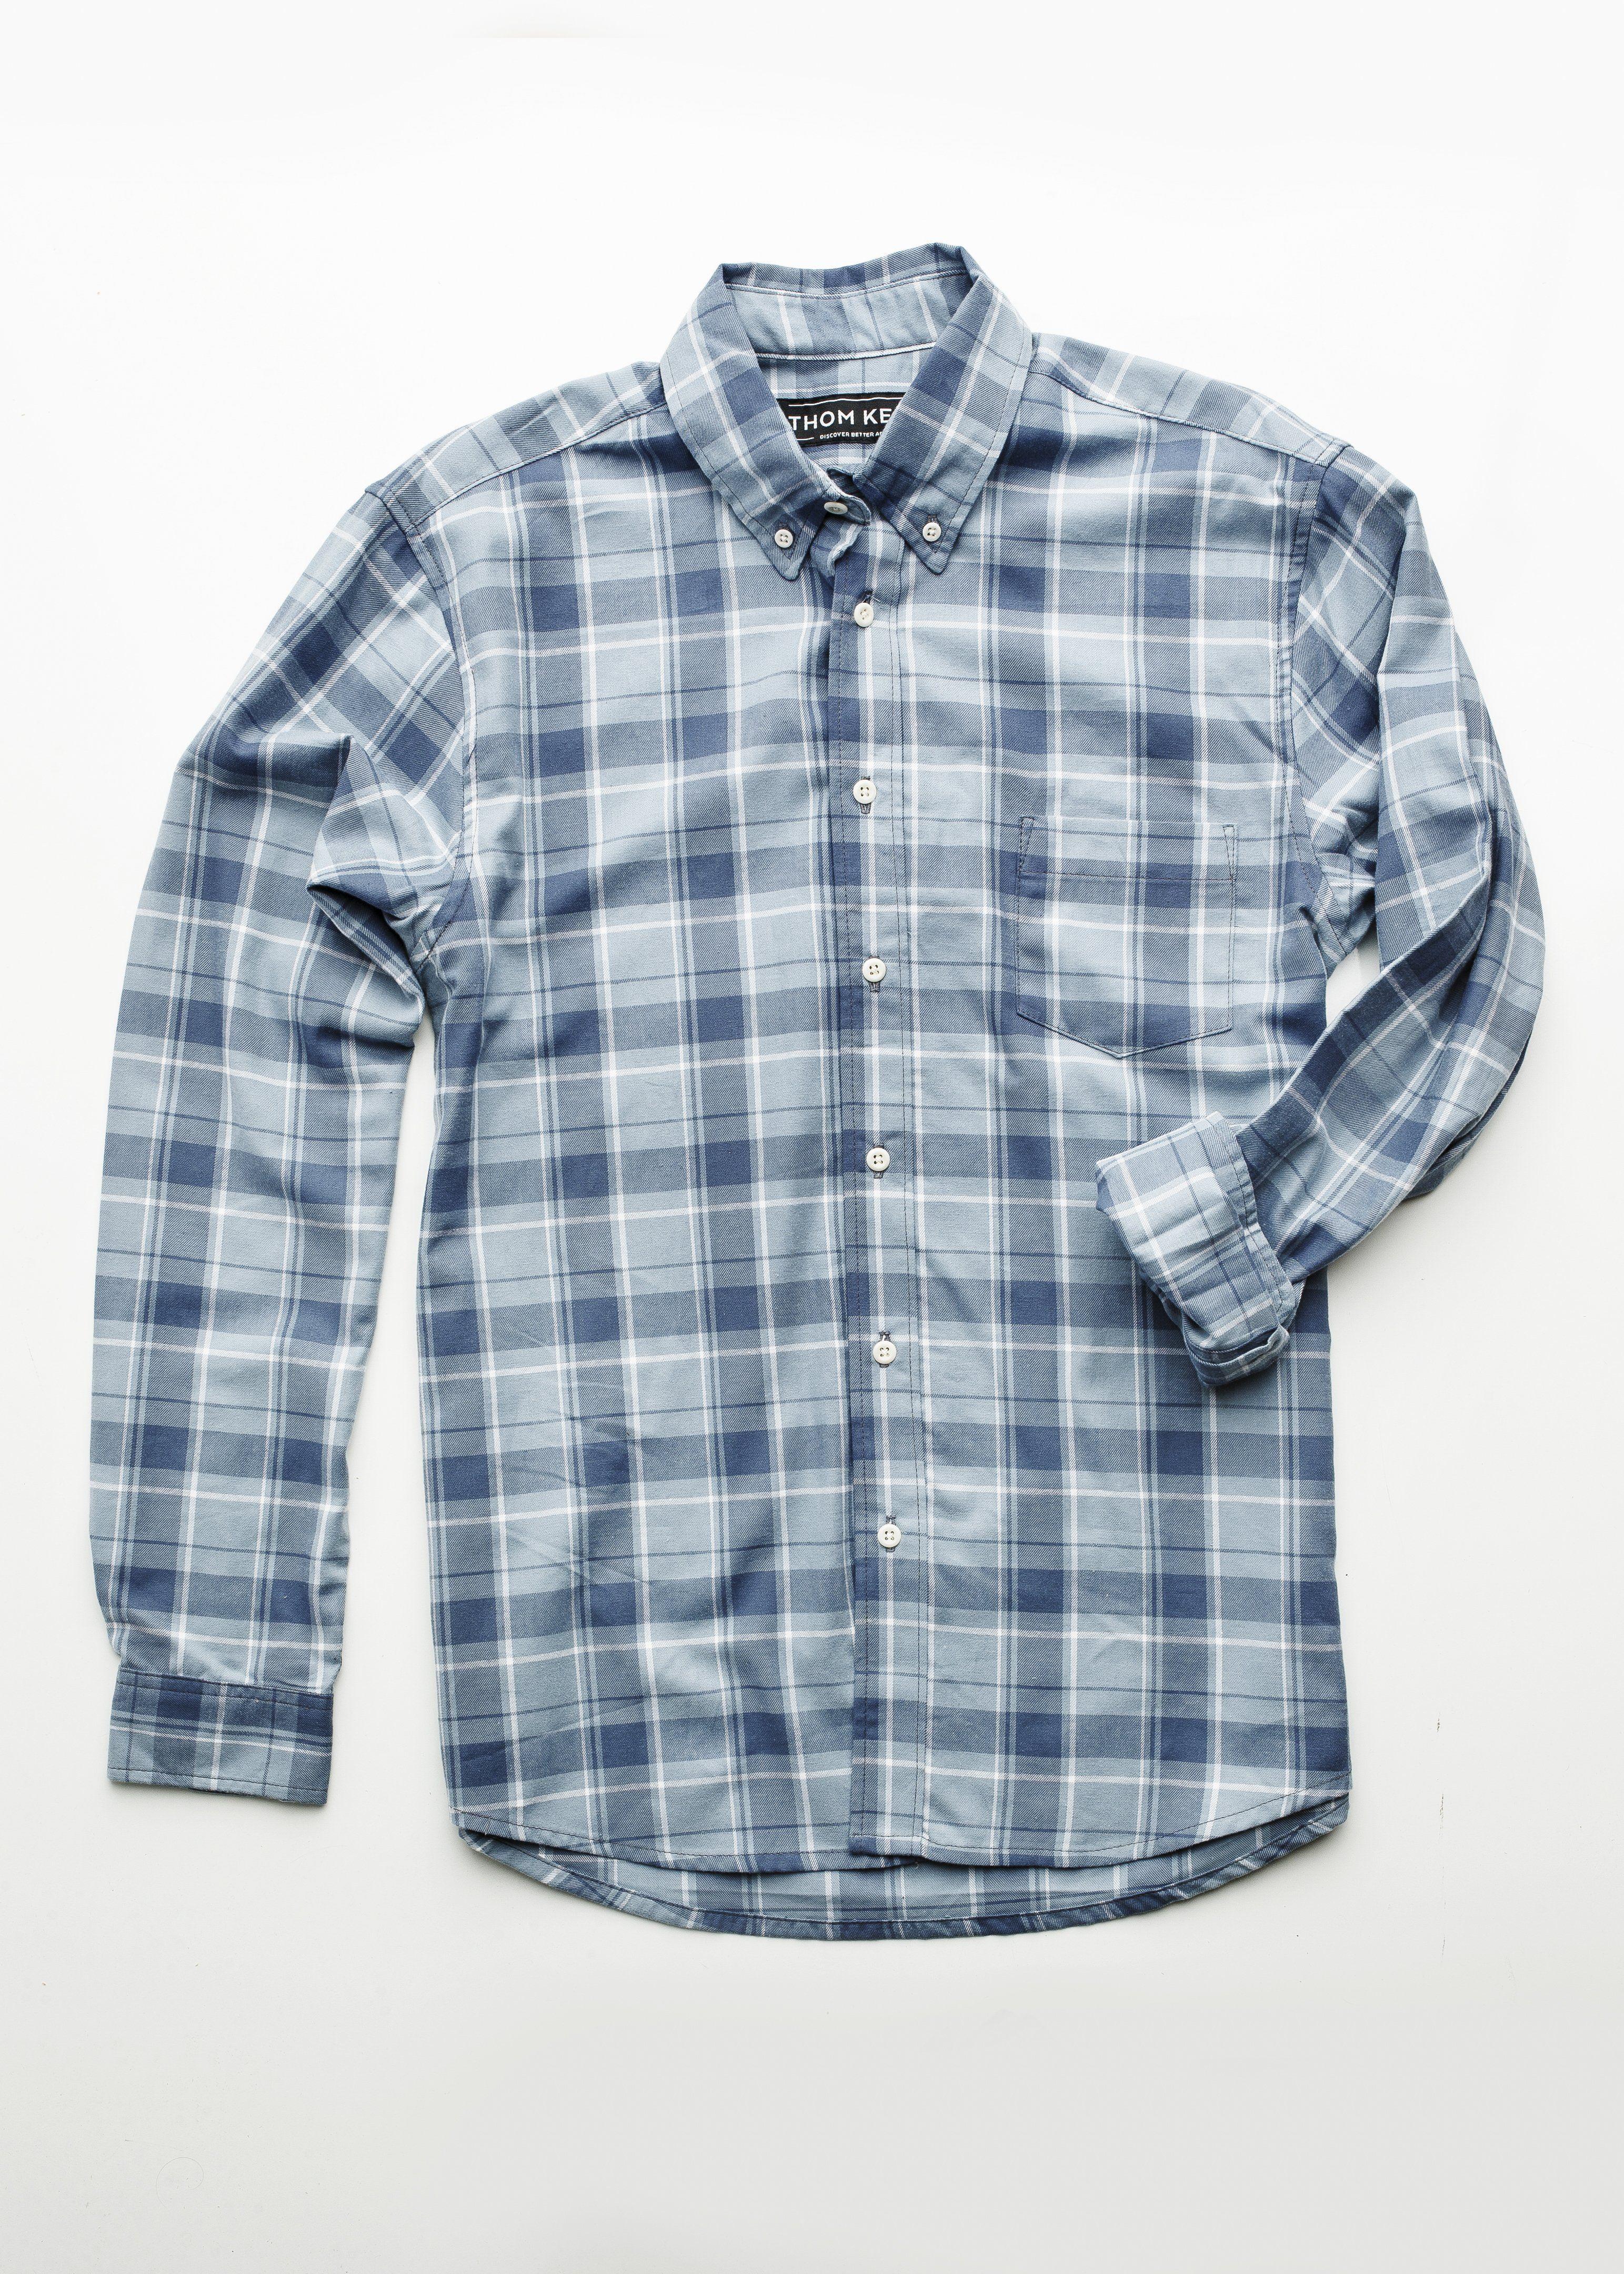 Dress up flannel shirt  Menus axel shirt  smoke u slate blue plaid  THOM KELLY  Now